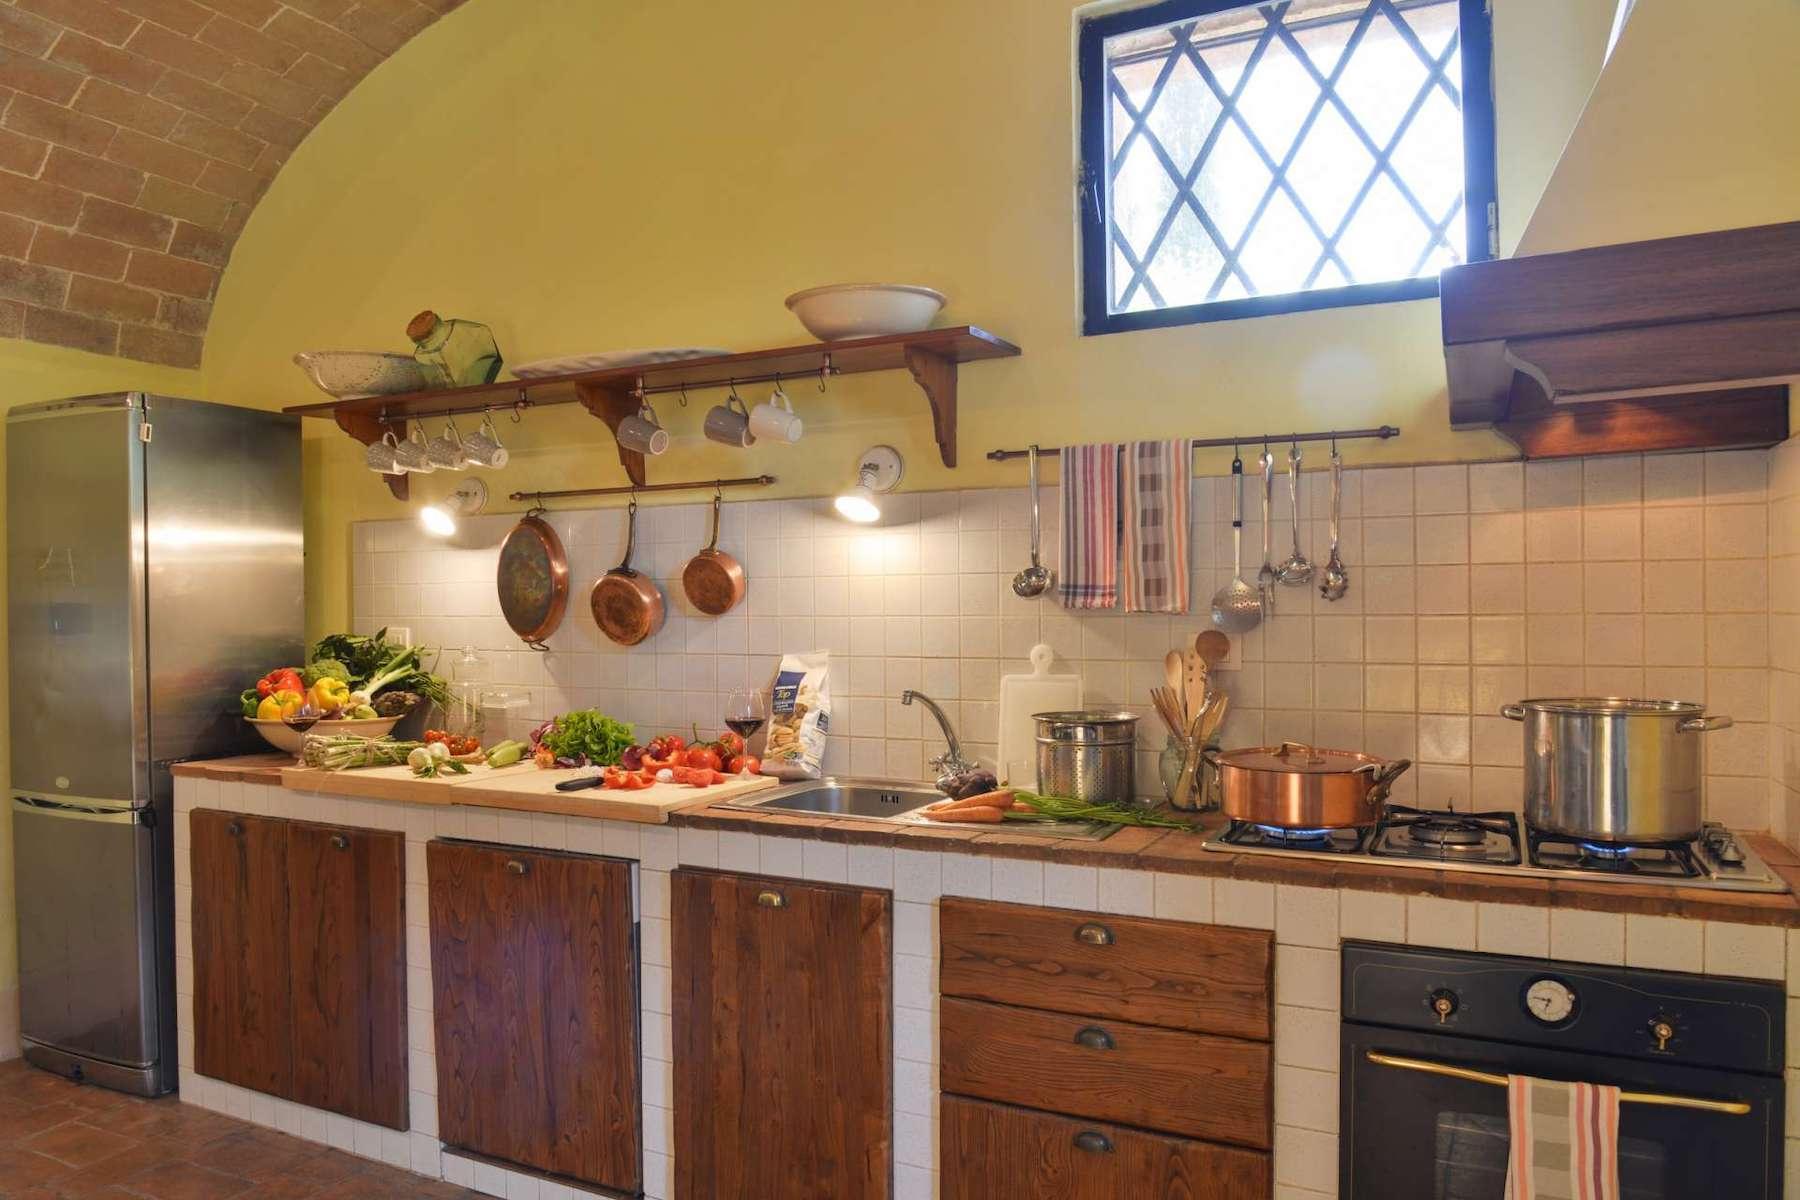 Historic farm in the heart of Crete Senesi - 9